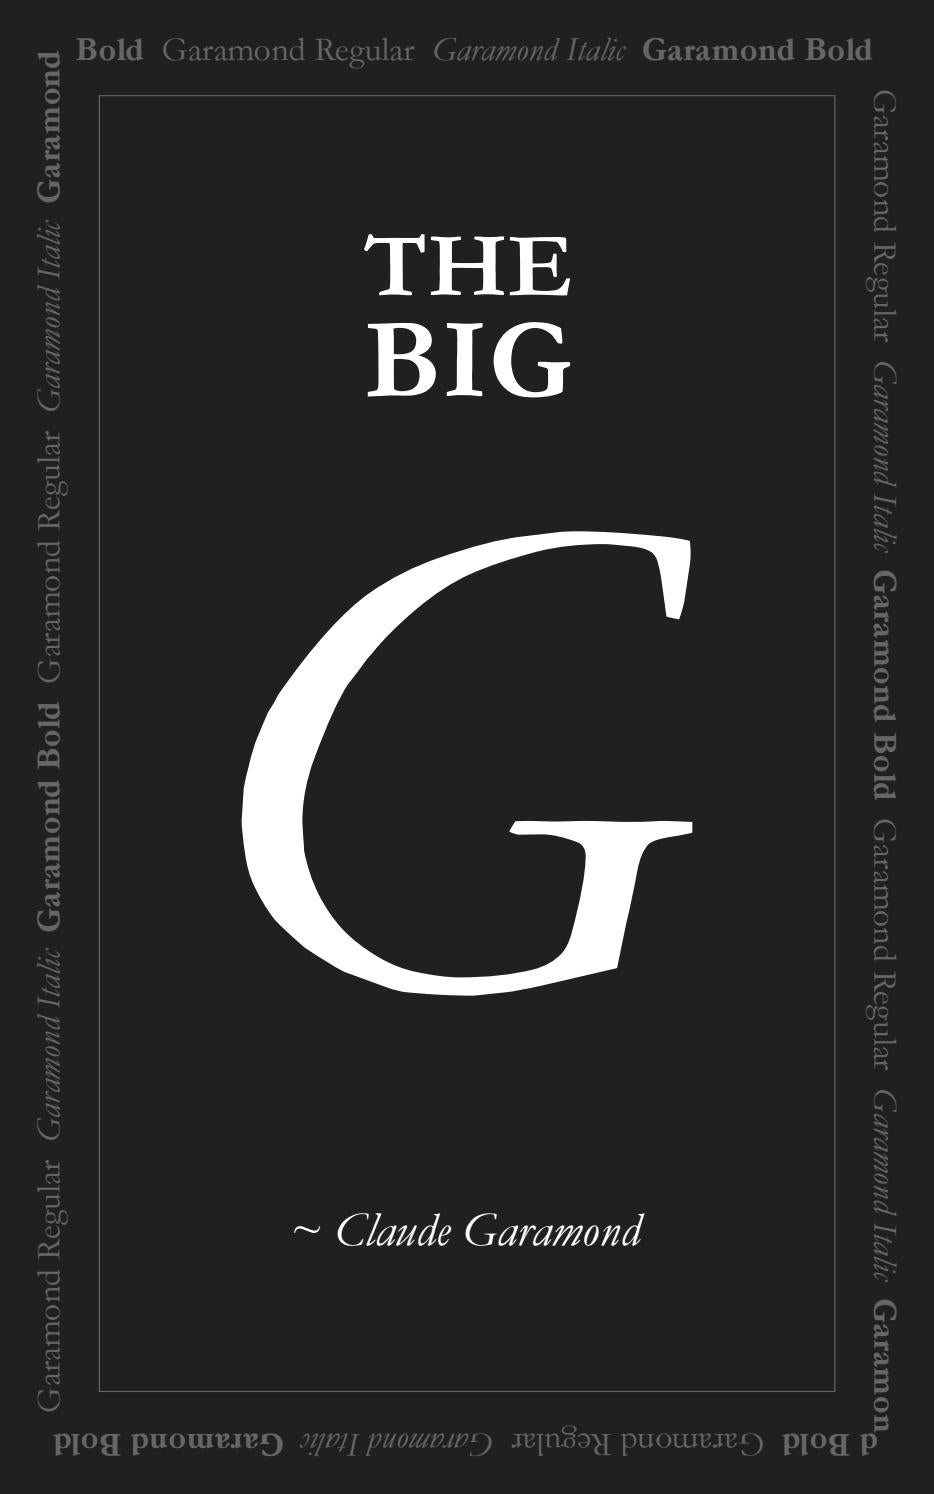 Garamond Bold